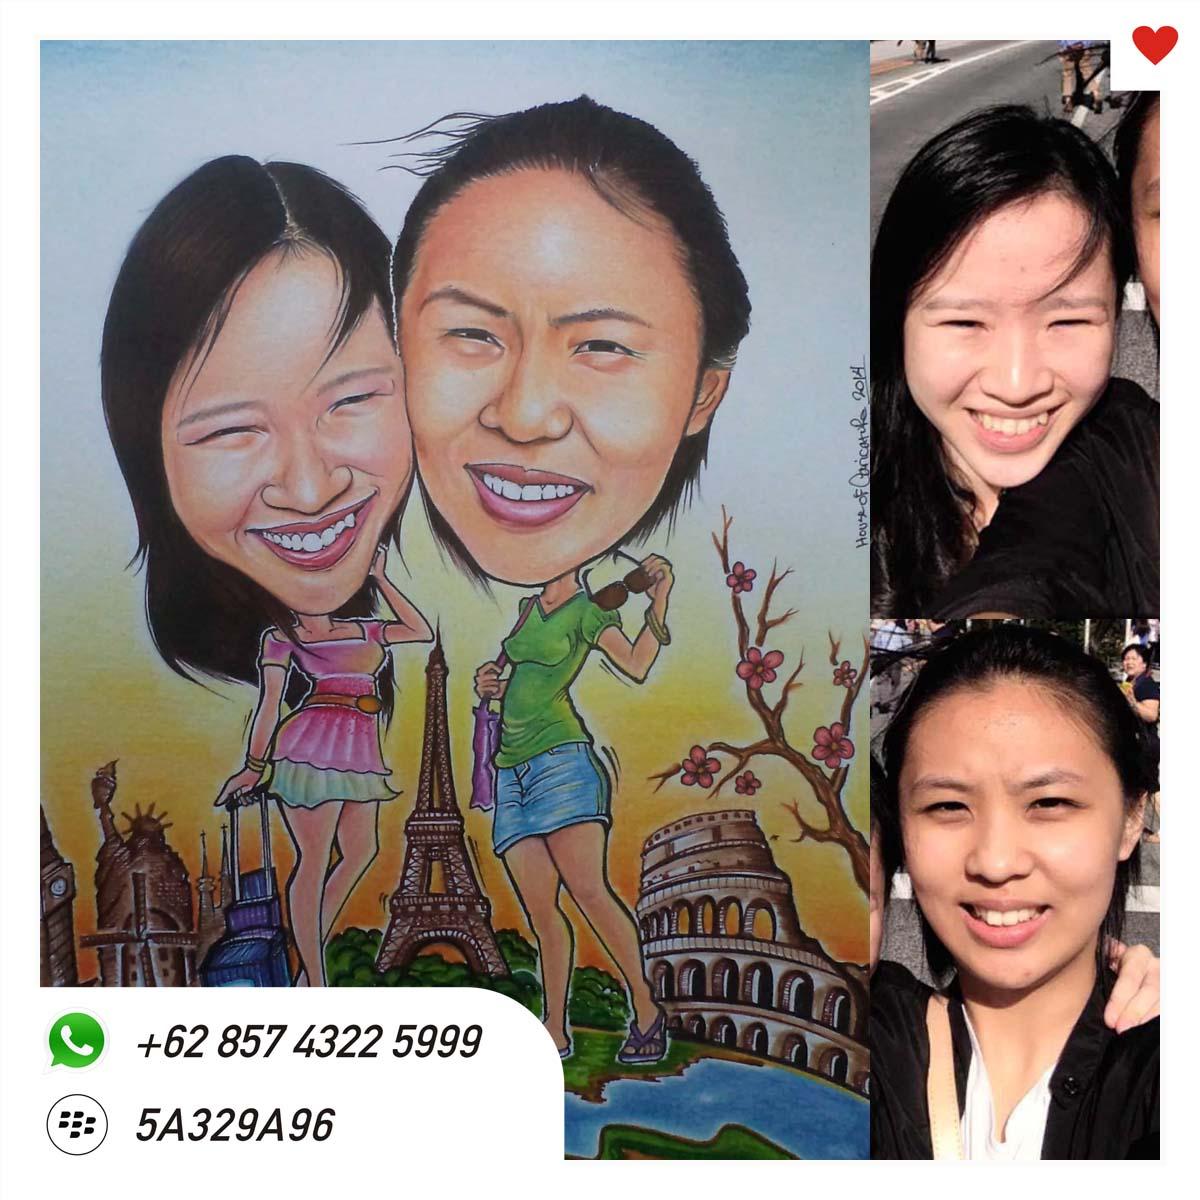 Karikatur Lukis Untuk Sahabat Relasi Teman Sekantor 0812 1214 8999